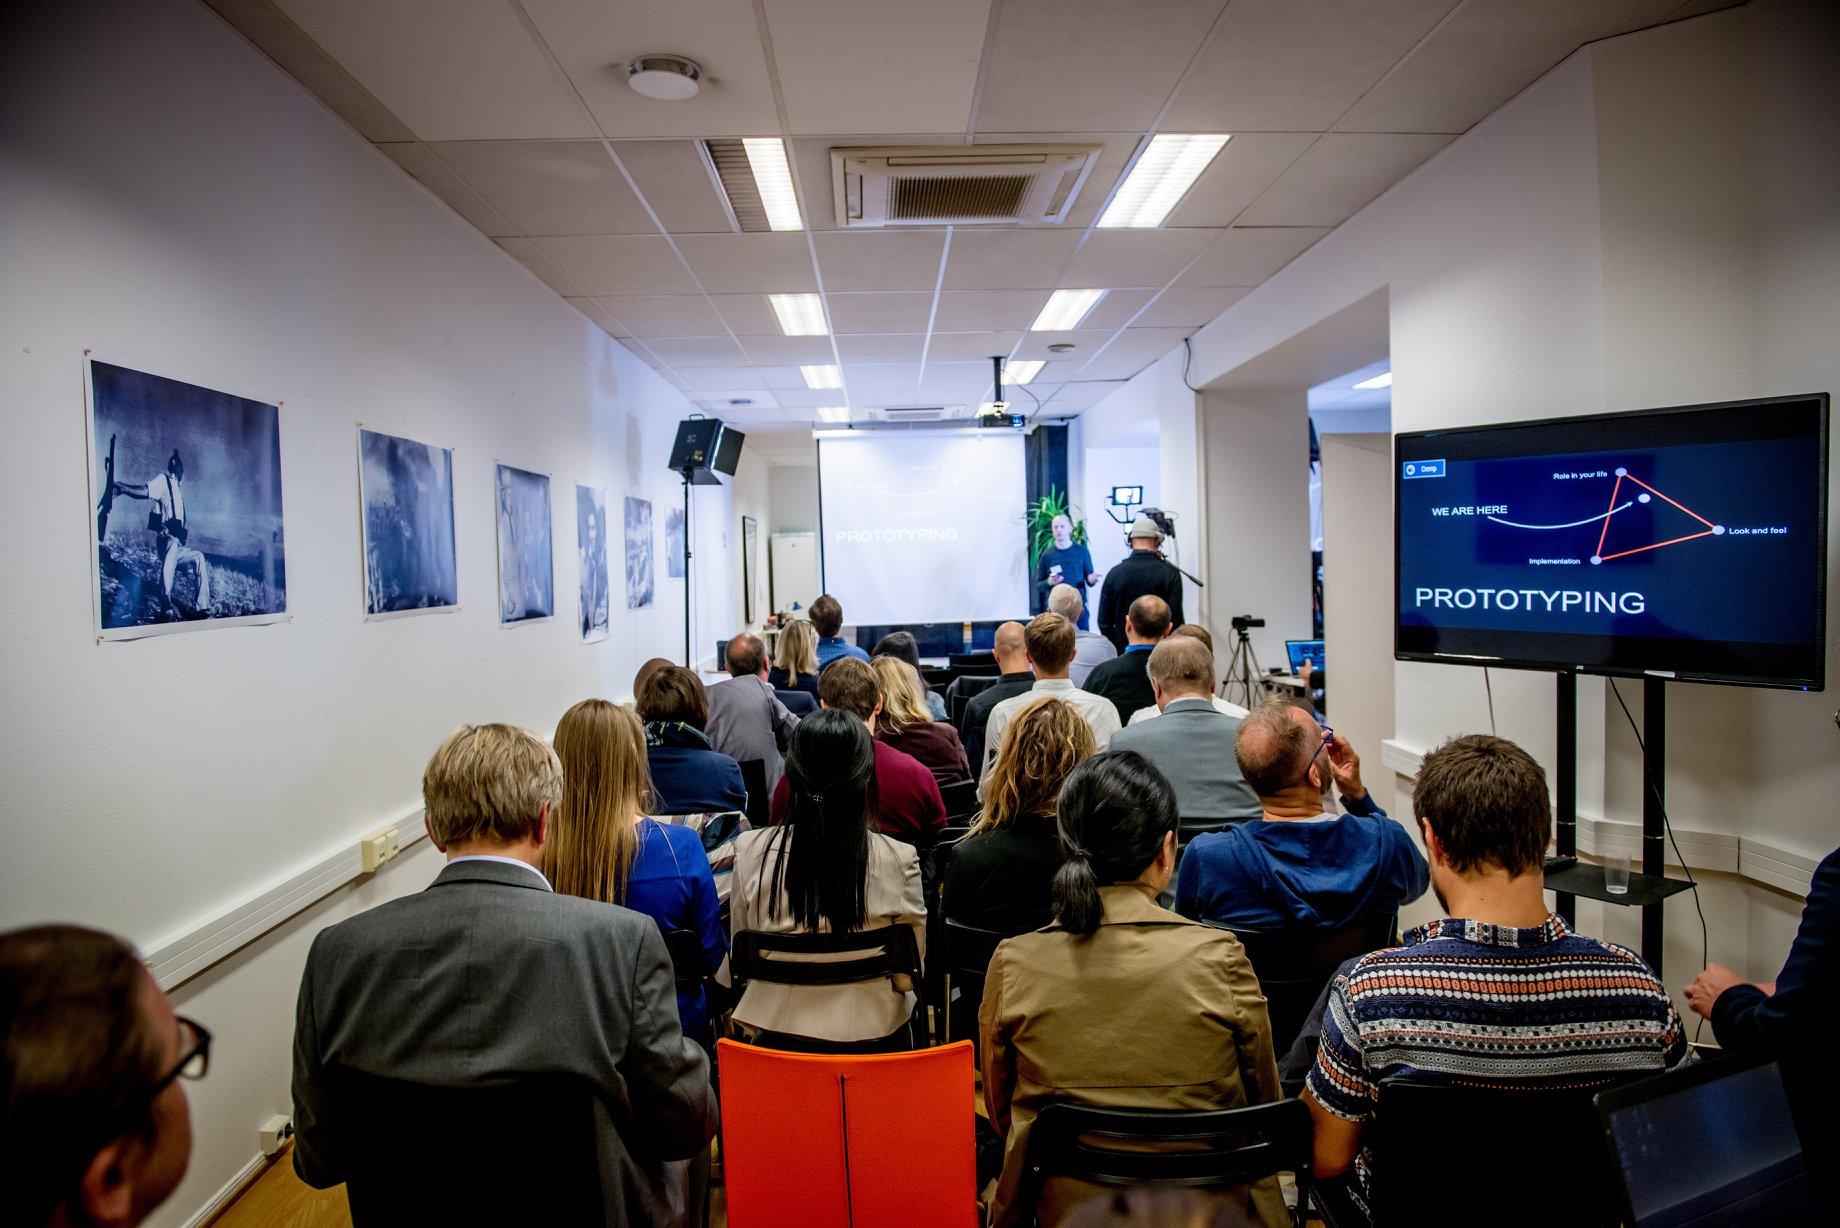 Oslo Media House har siden 2014 etablert seg som en møteplass og et verksted for journalistikk – som et bidrag til fremtidens mediemangfold med utgangspunkt i Oslo. I de tre etasjene i Skippergata 26 har det i løpet av disse årene vært rundt 130 leietagere, fra journalister til aktivister, som har boltret seg med nye ideer, prosjekter og oppstartsbedrifter - samt et betydelig antall møter, workshops, kurs og debatter. Dette bildet er fra det årlige Oslo Media Meeting i september 2018. Foto: Gorm K. Gaare